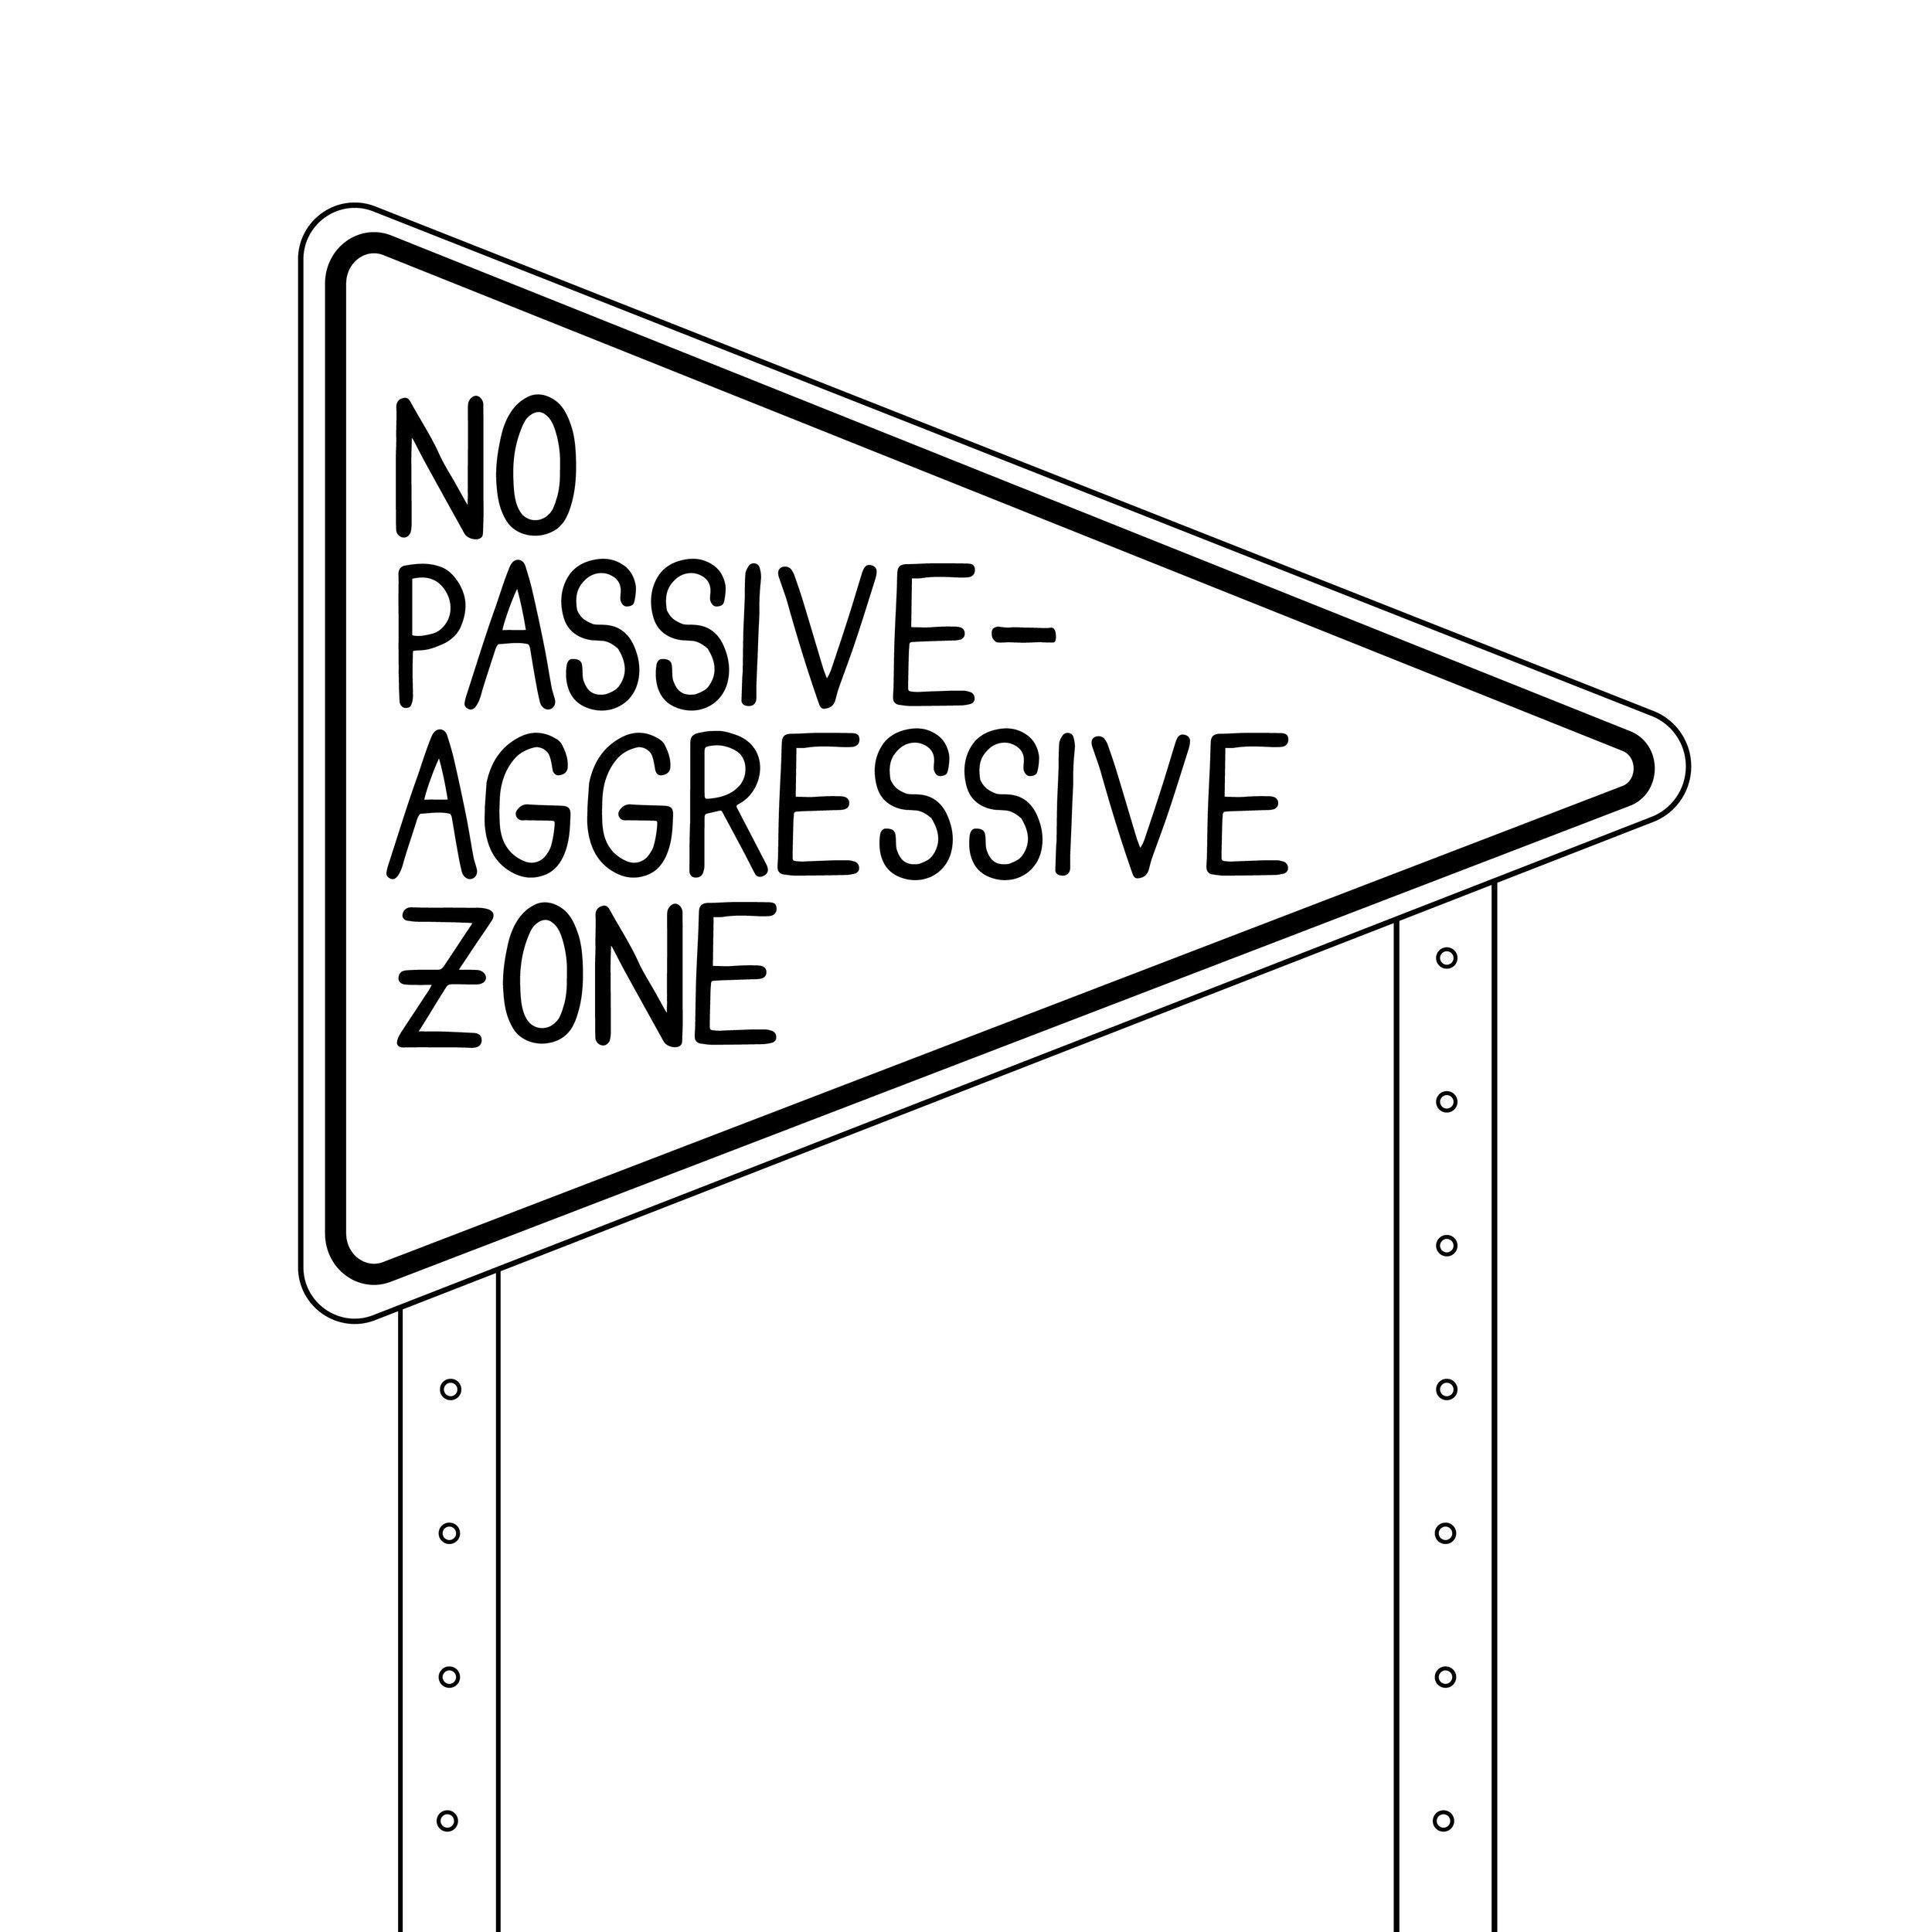 passiveaggressive-01.jpg